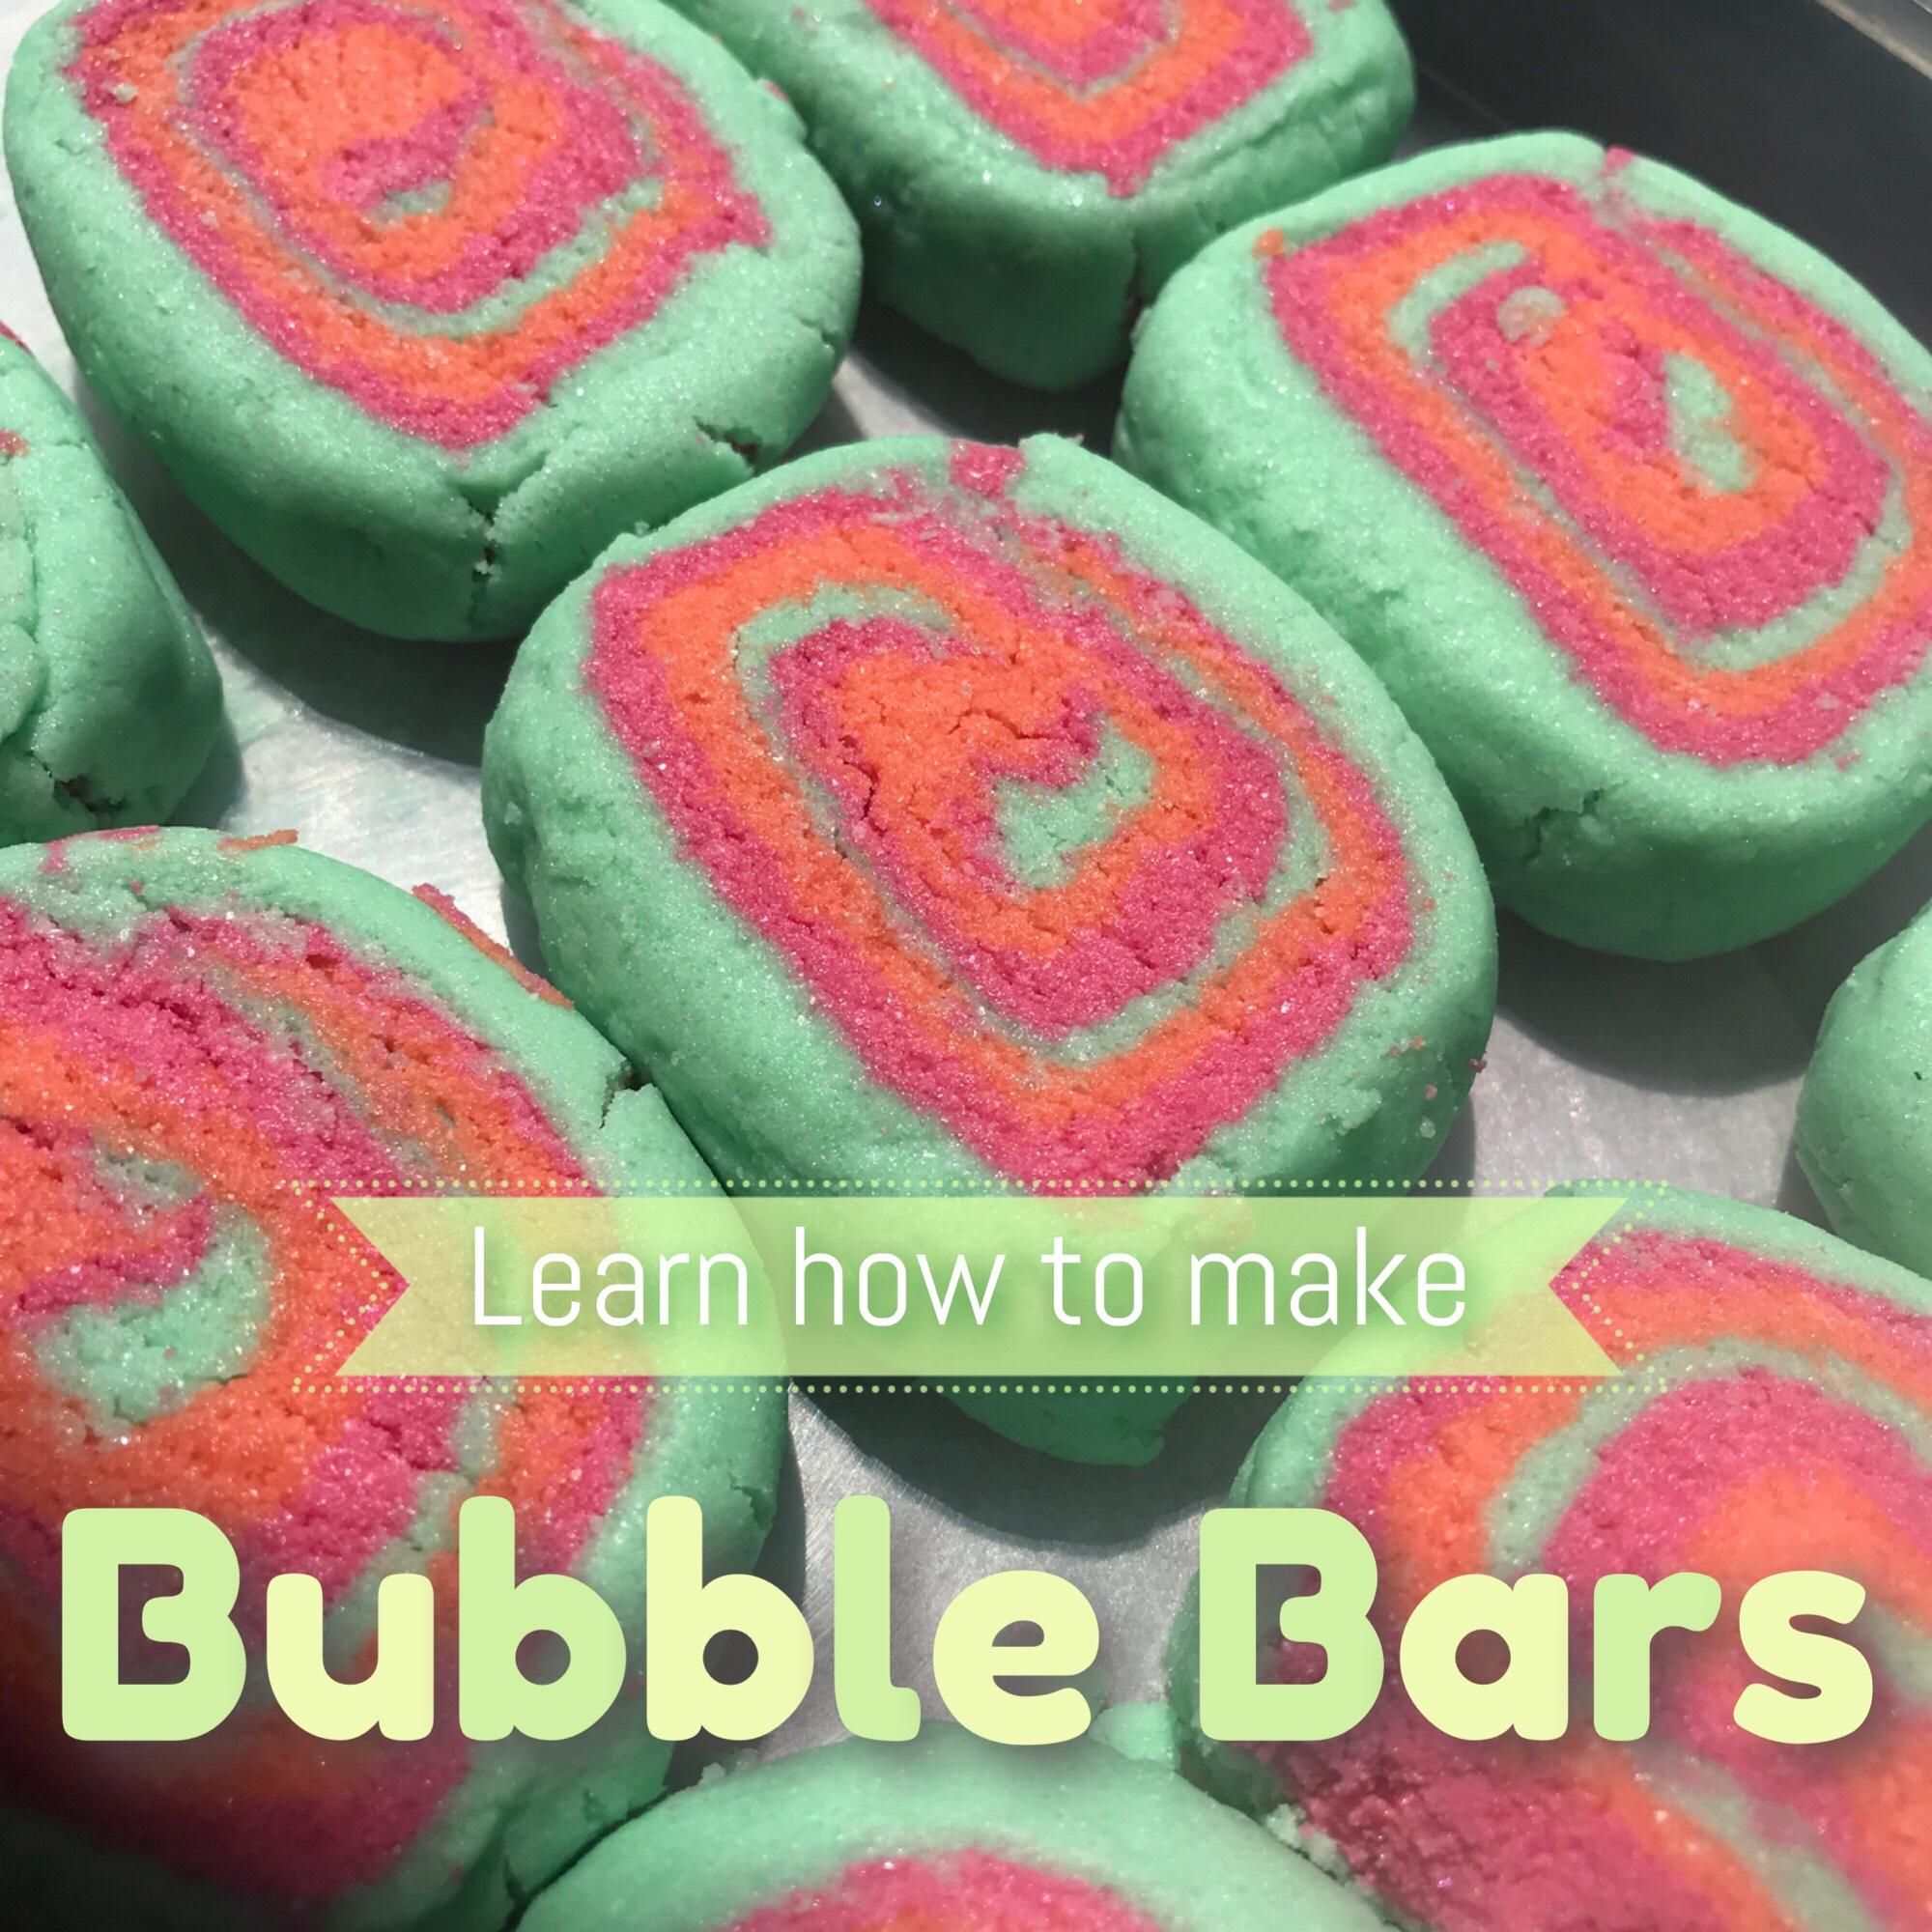 Bubble bars